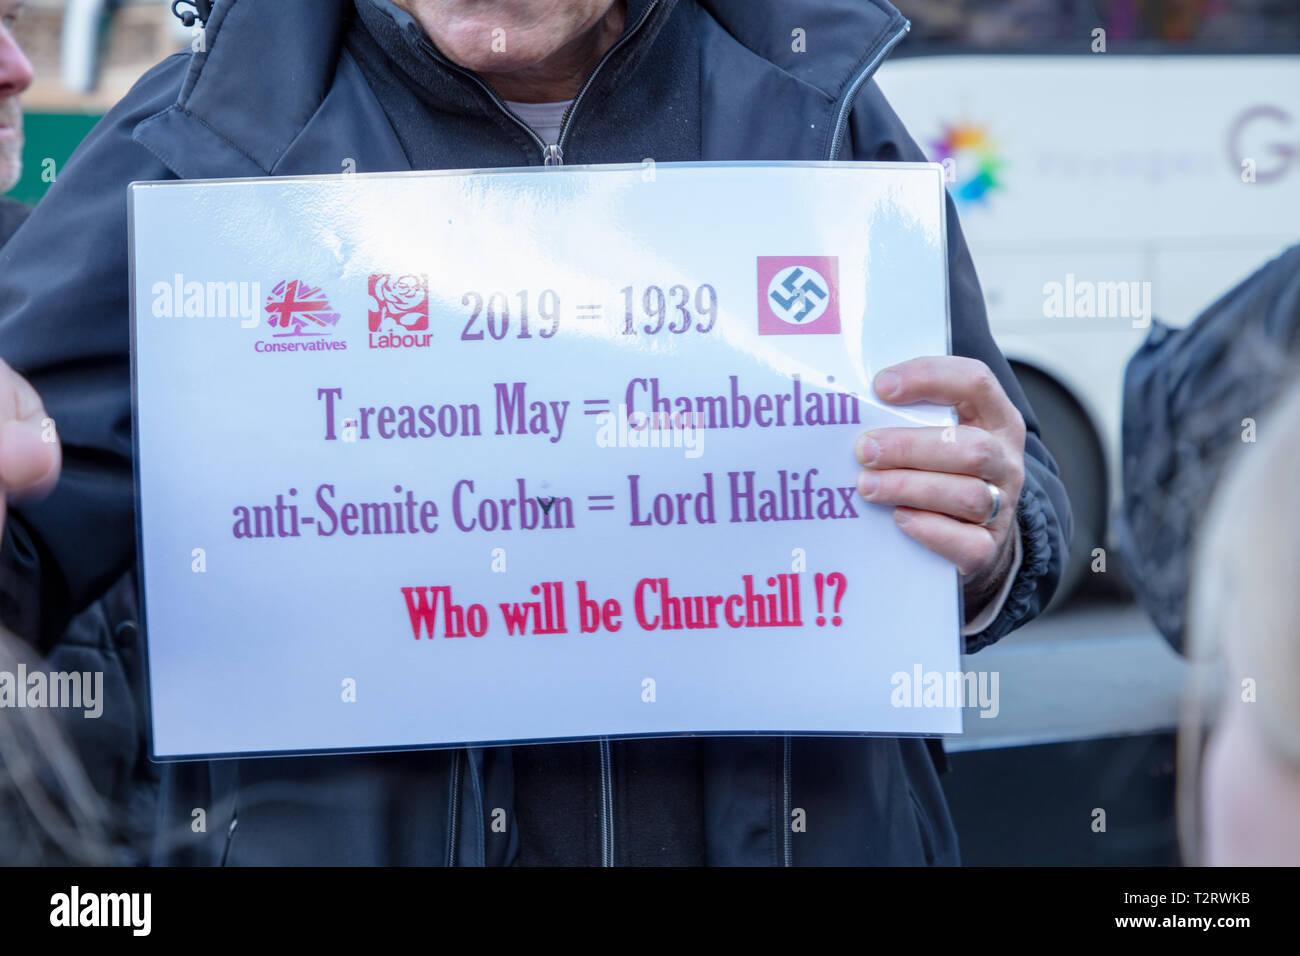 Brexiteer vergleich Theresa May mit Chamberlain und Verrat und Jeremy Corbyn mit Lord Halifax und Antisemitismus, fragt, wer wird Churchill. Stockfoto